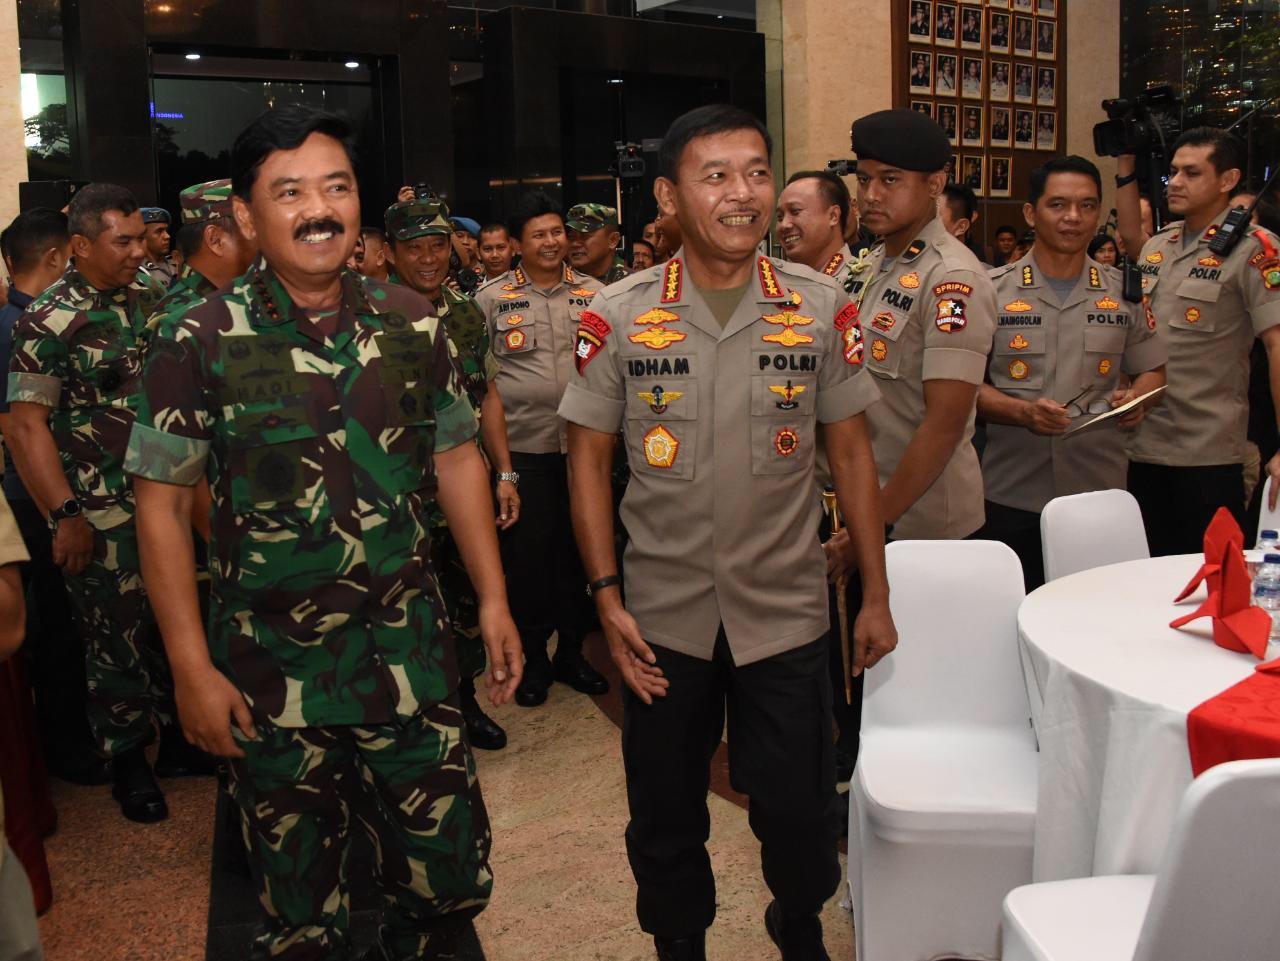 Panglima TNI dan Kapolri Pantau Pengamanan Malam Tahun Baru 2020